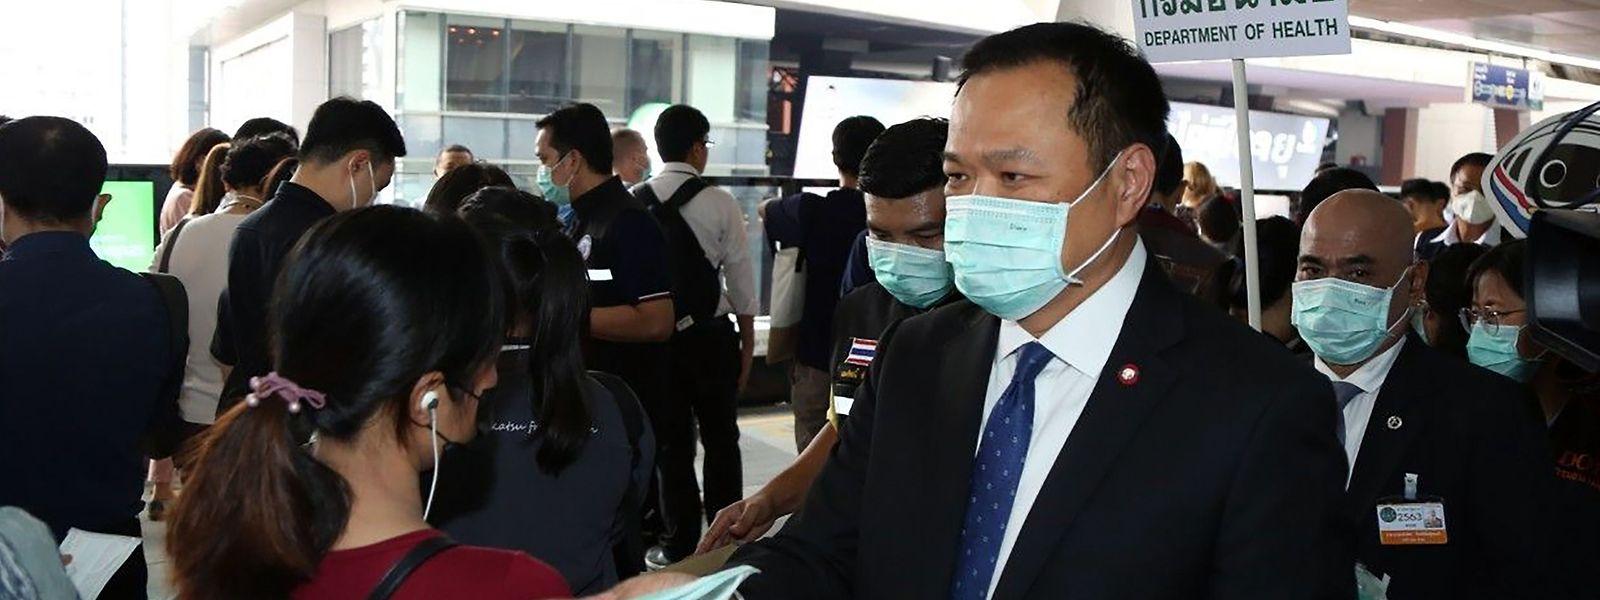 Gesichtsmasken sind ein Muss für Zuschauer in asiatischen Stadien.